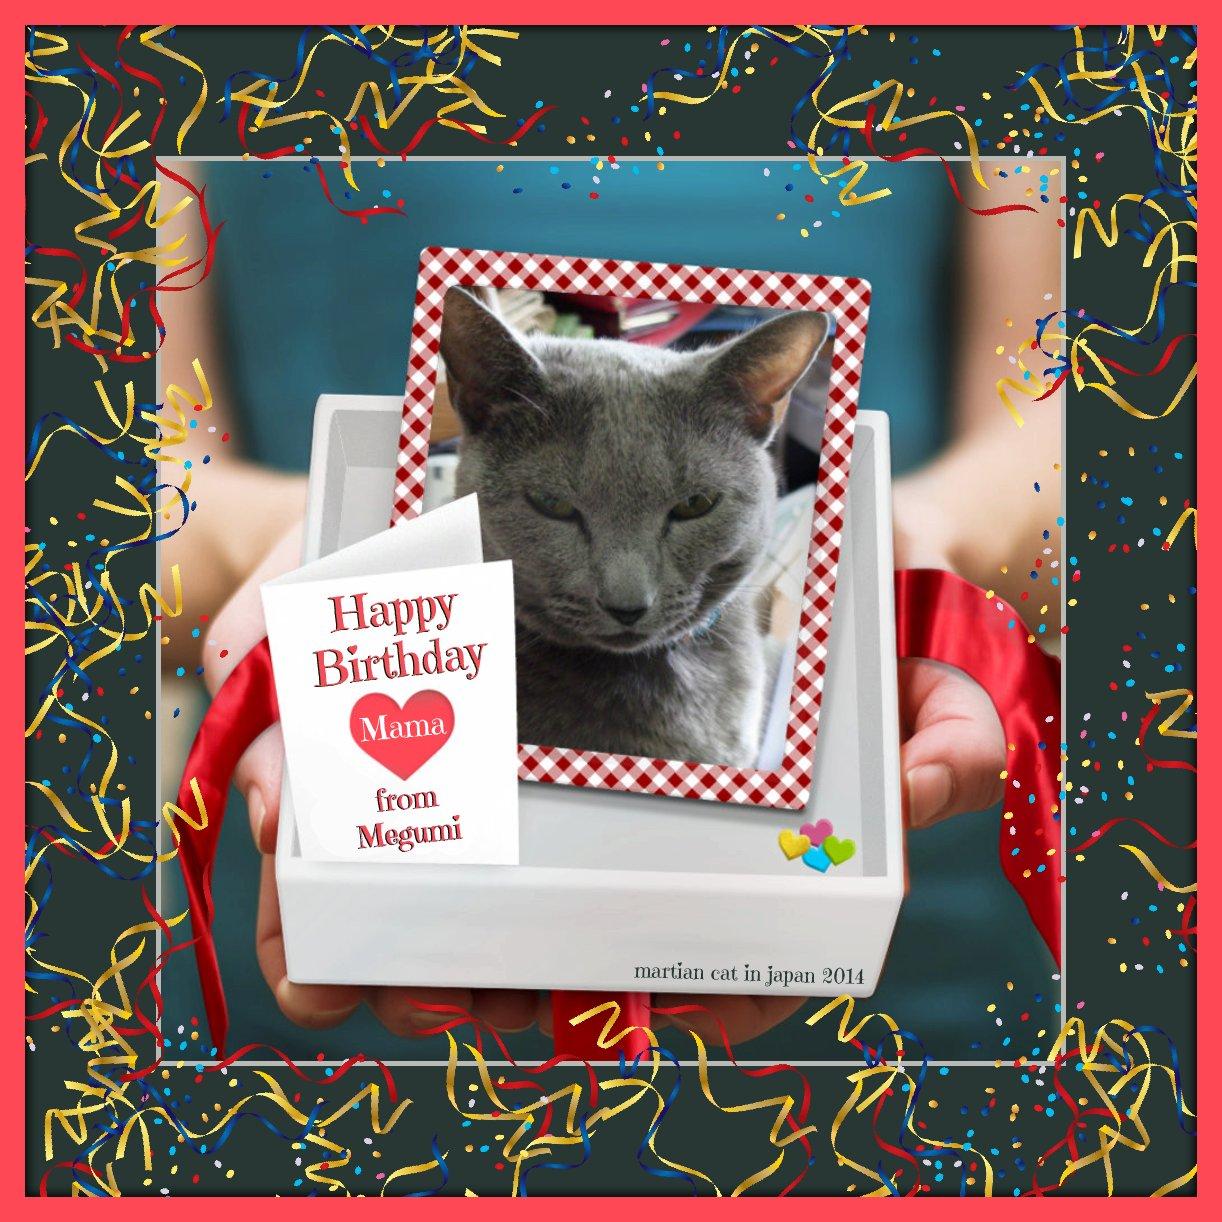 Happy Birthday Mama ~ from Megumi